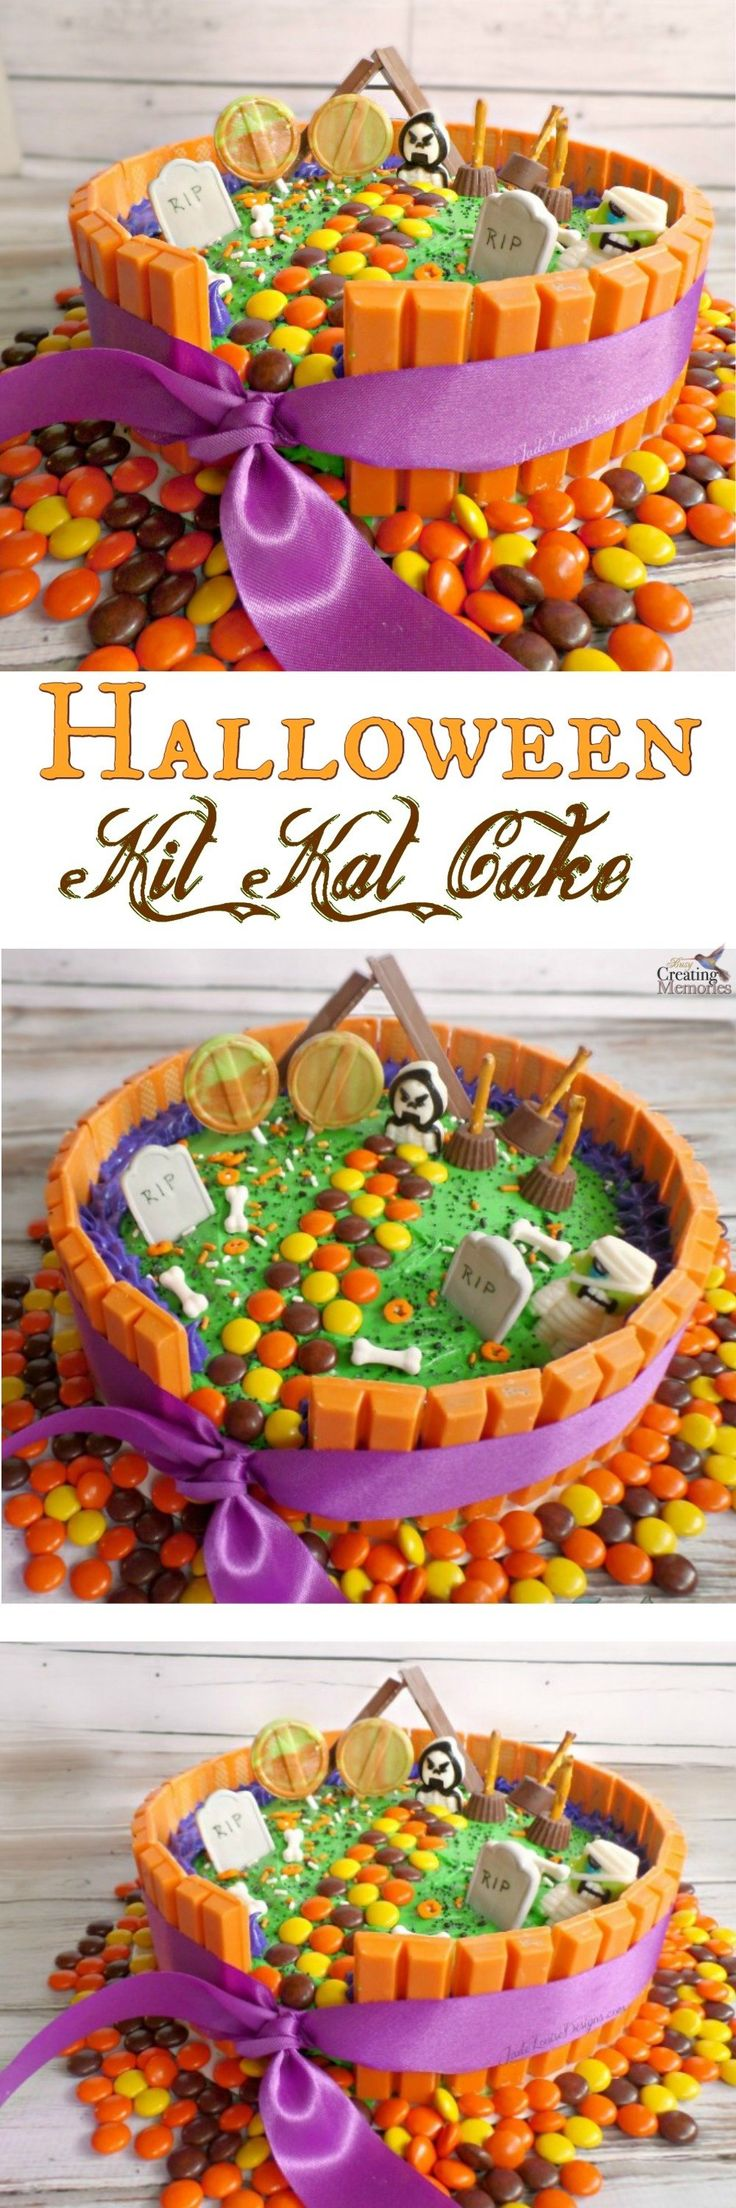 532 best Halloween Kids Crafts & Activities images on Pinterest